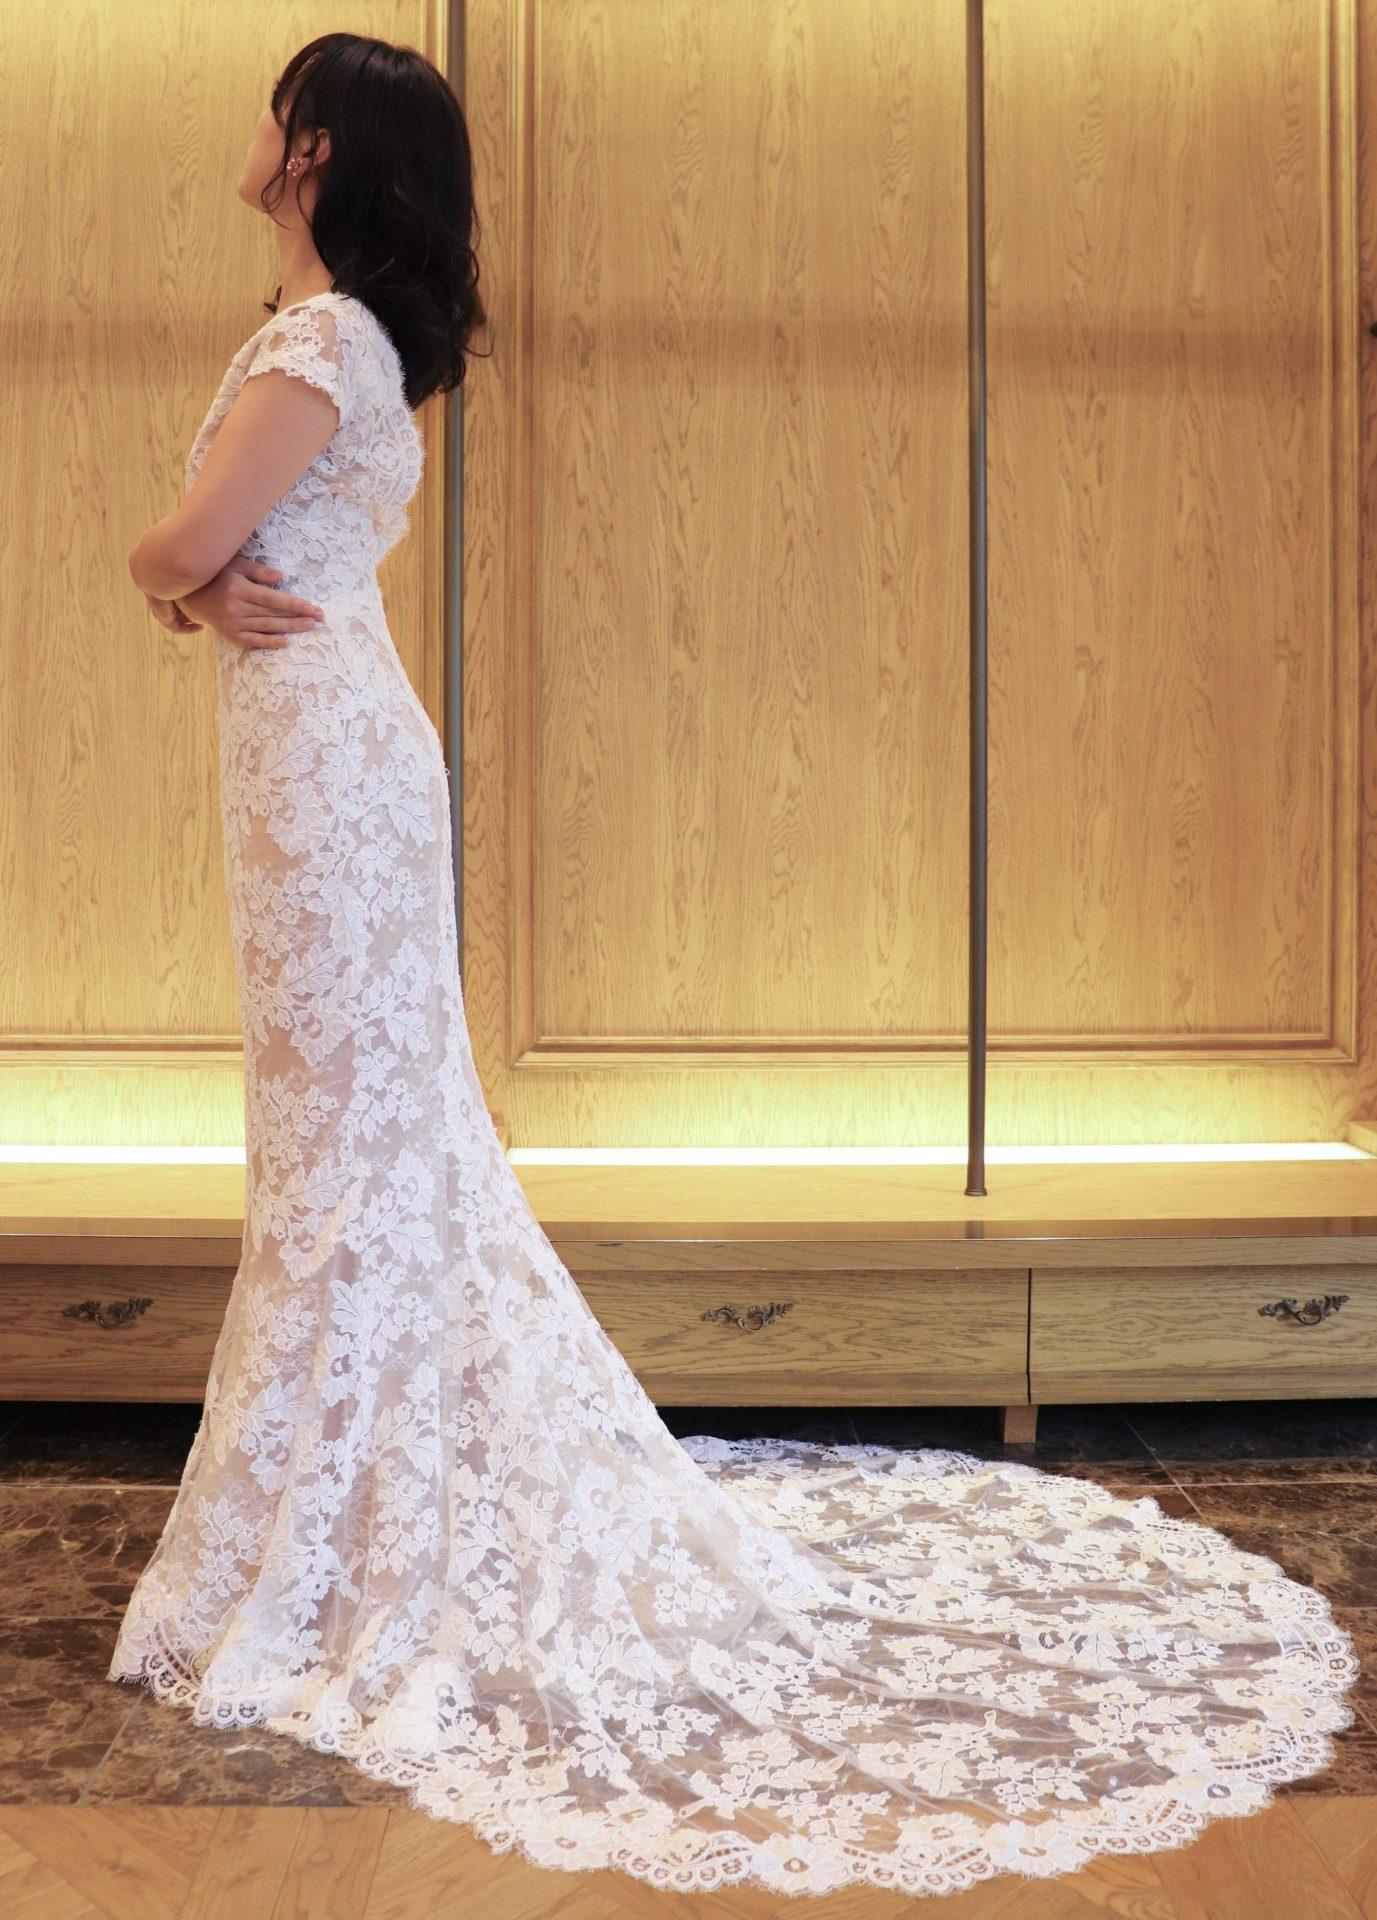 ザトリートドレッシング名古屋店でおすすめの新作マーメイドラインのウェディングドレス